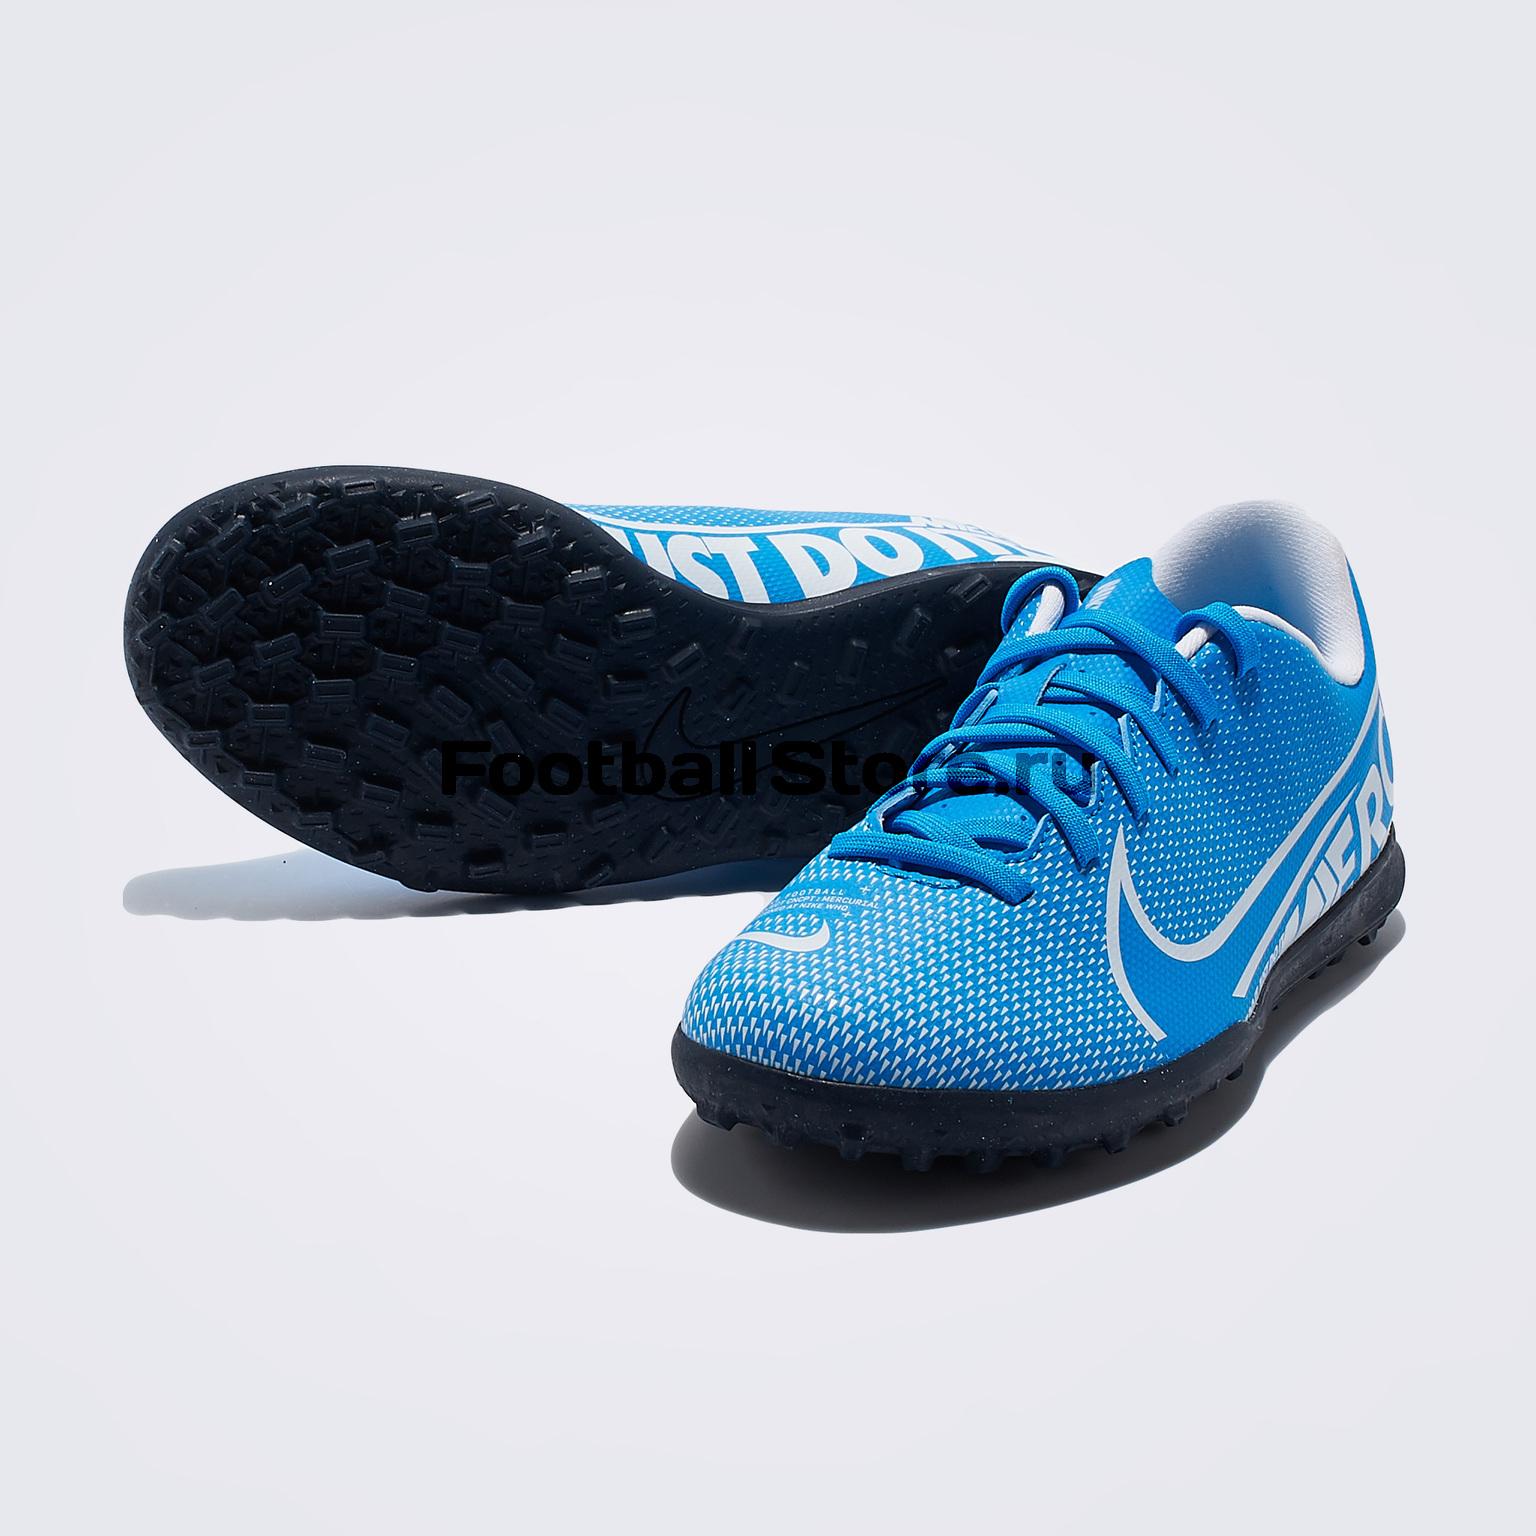 цены на Шиповки детские Nike Vapor 13 Club TF AT8177-414  в интернет-магазинах